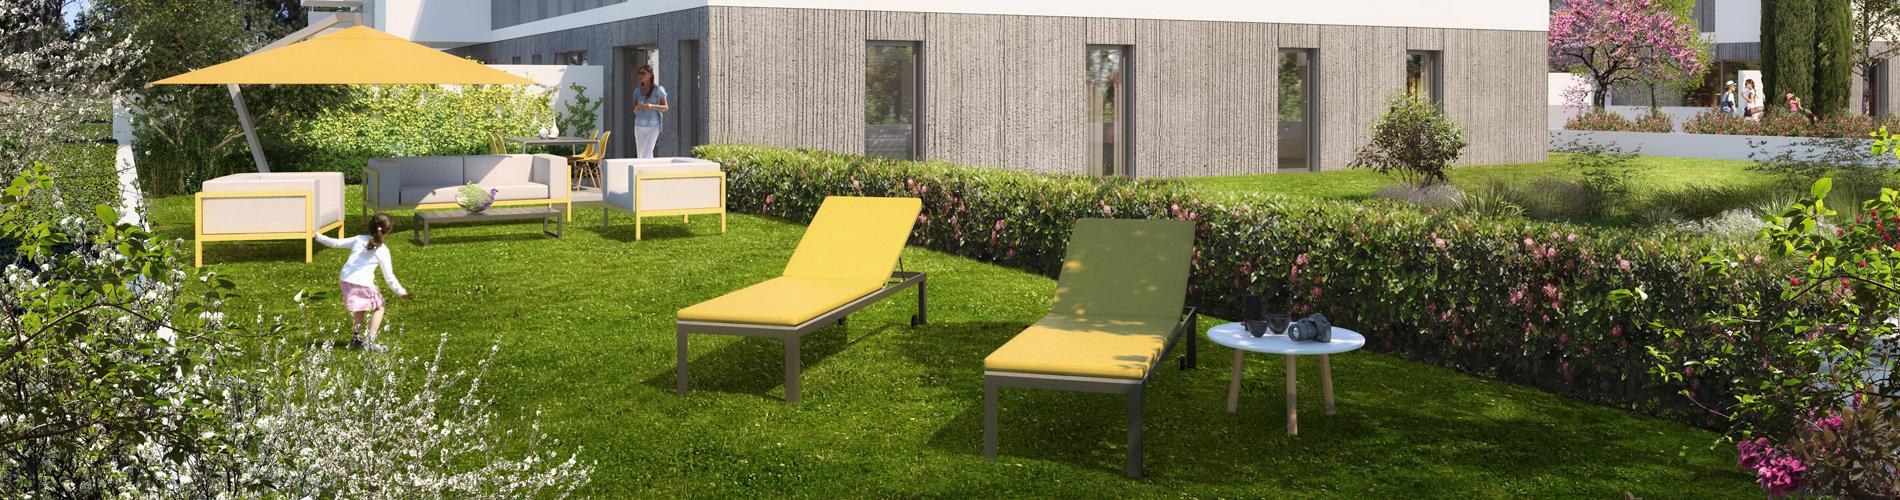 ideom-la-residence-enigma-jardin